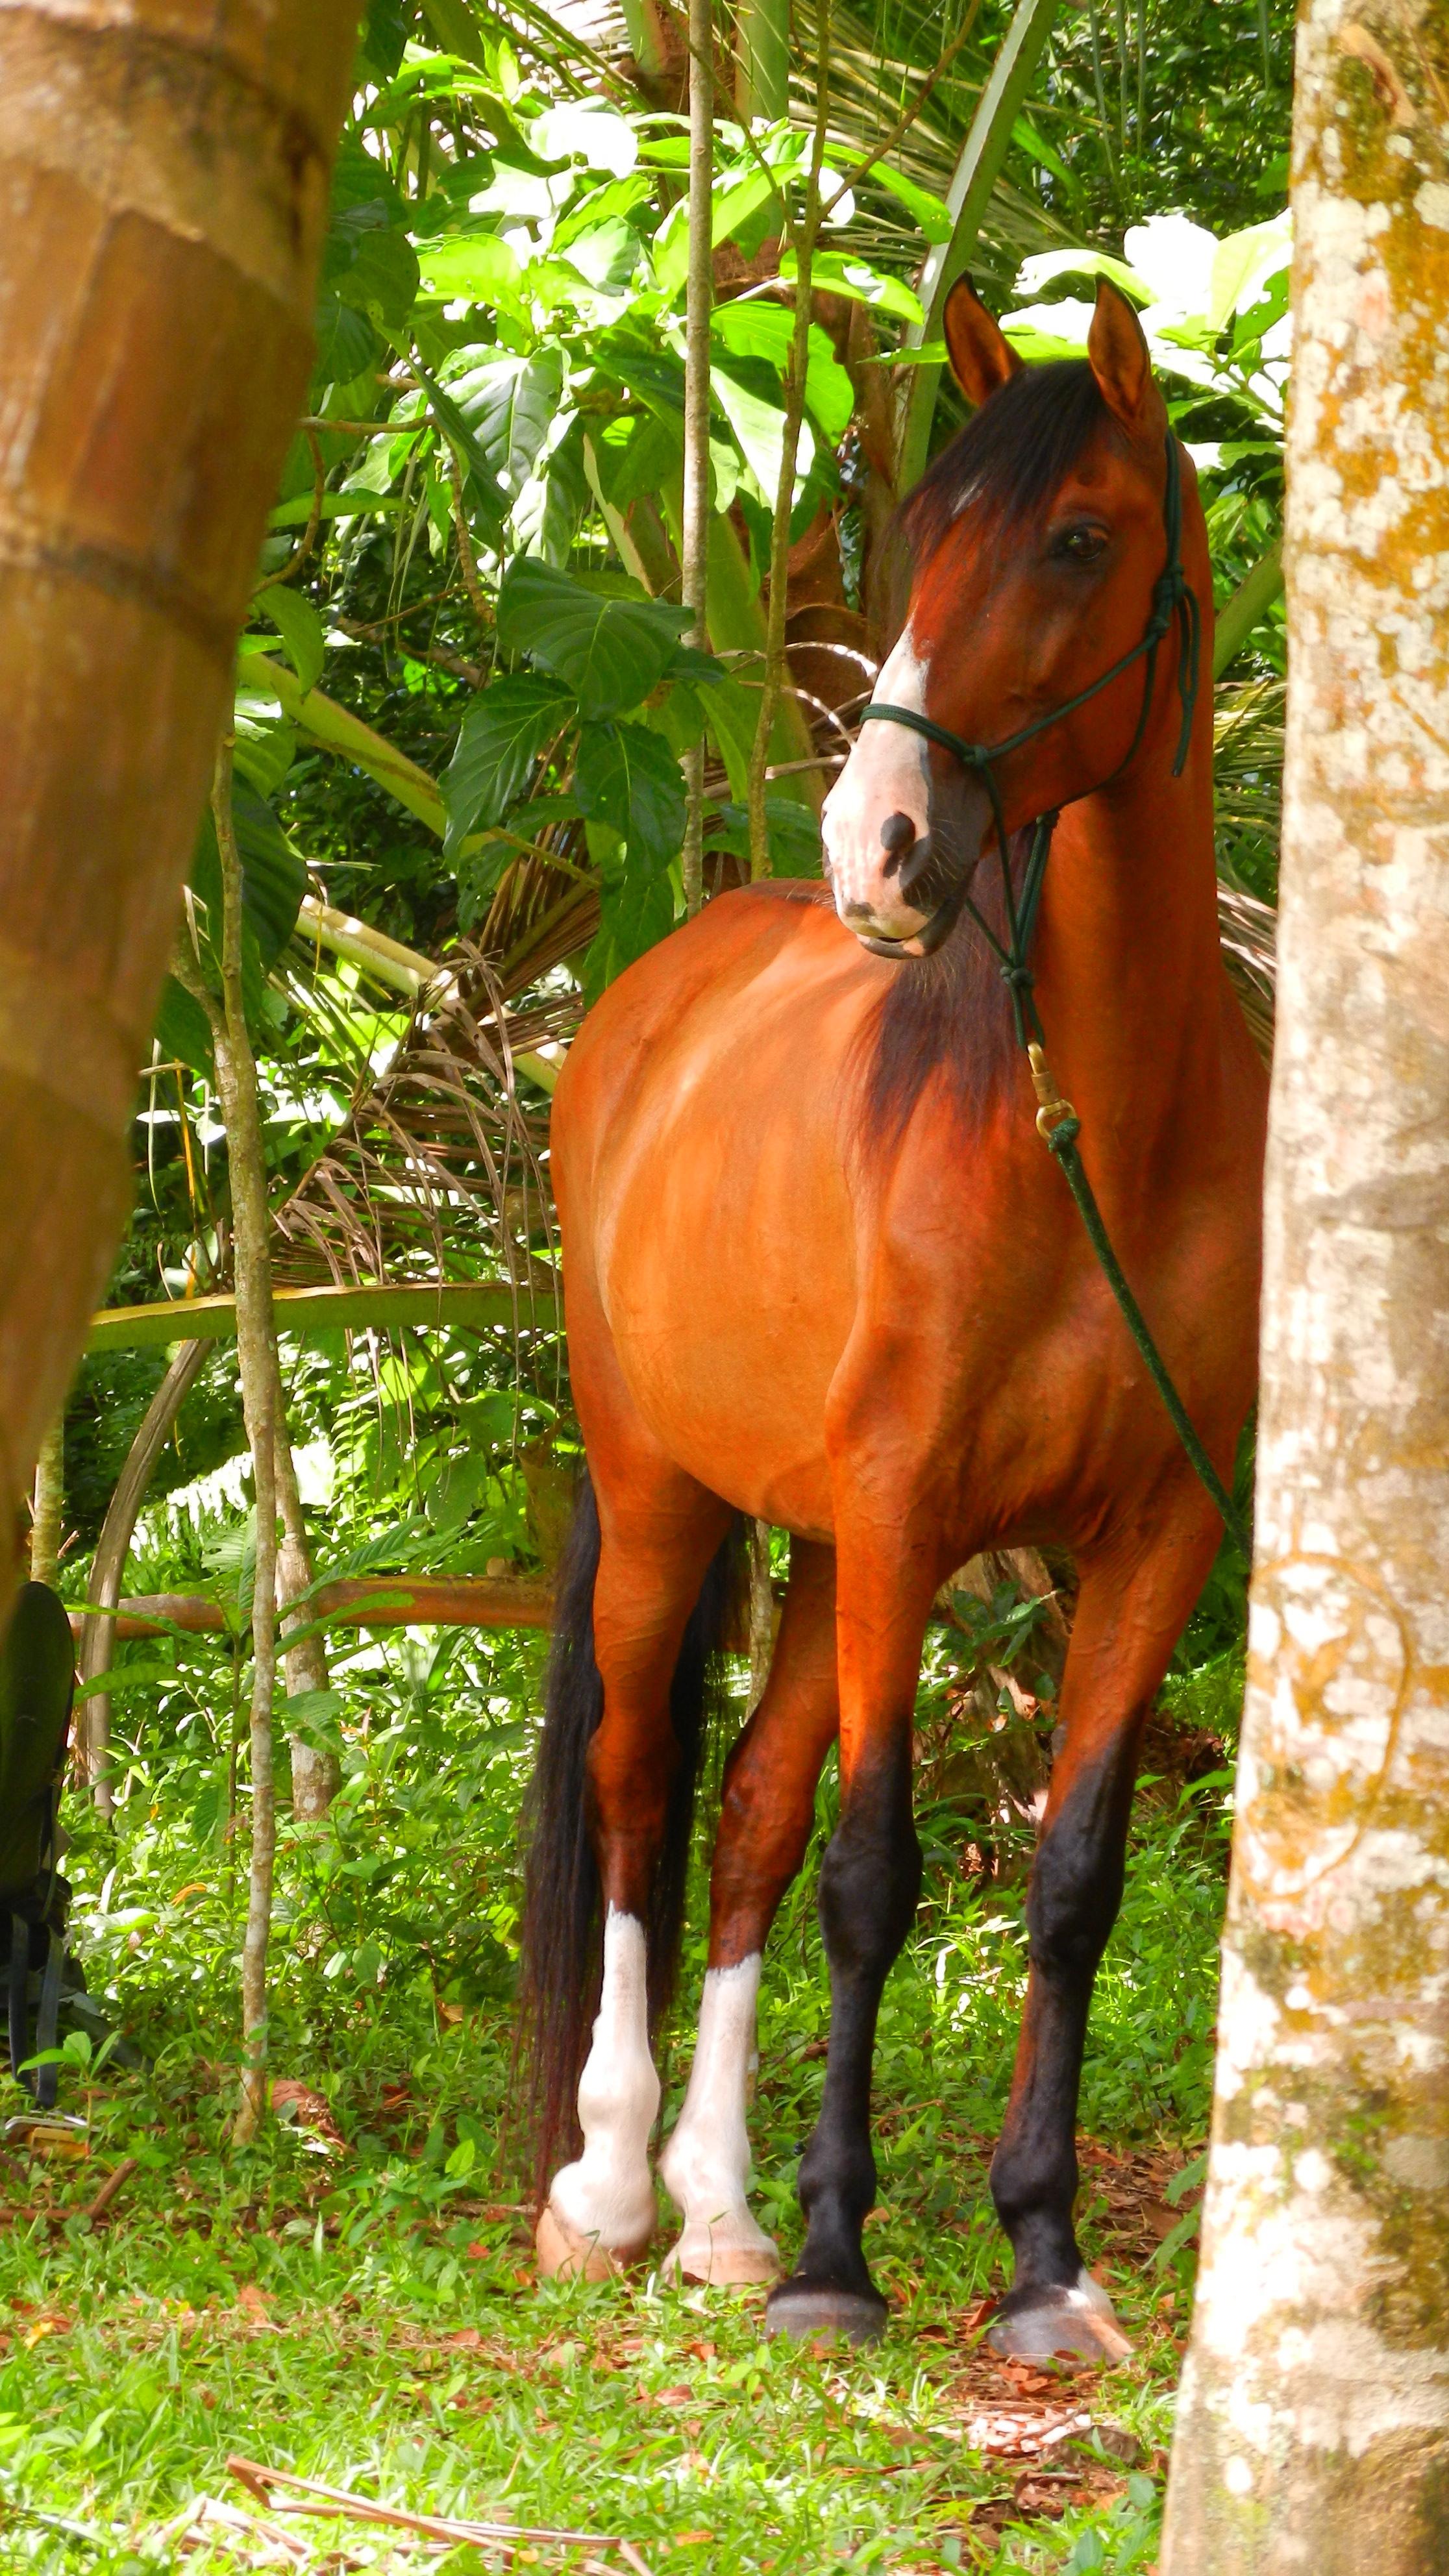 Iberian horse in Costa Rica